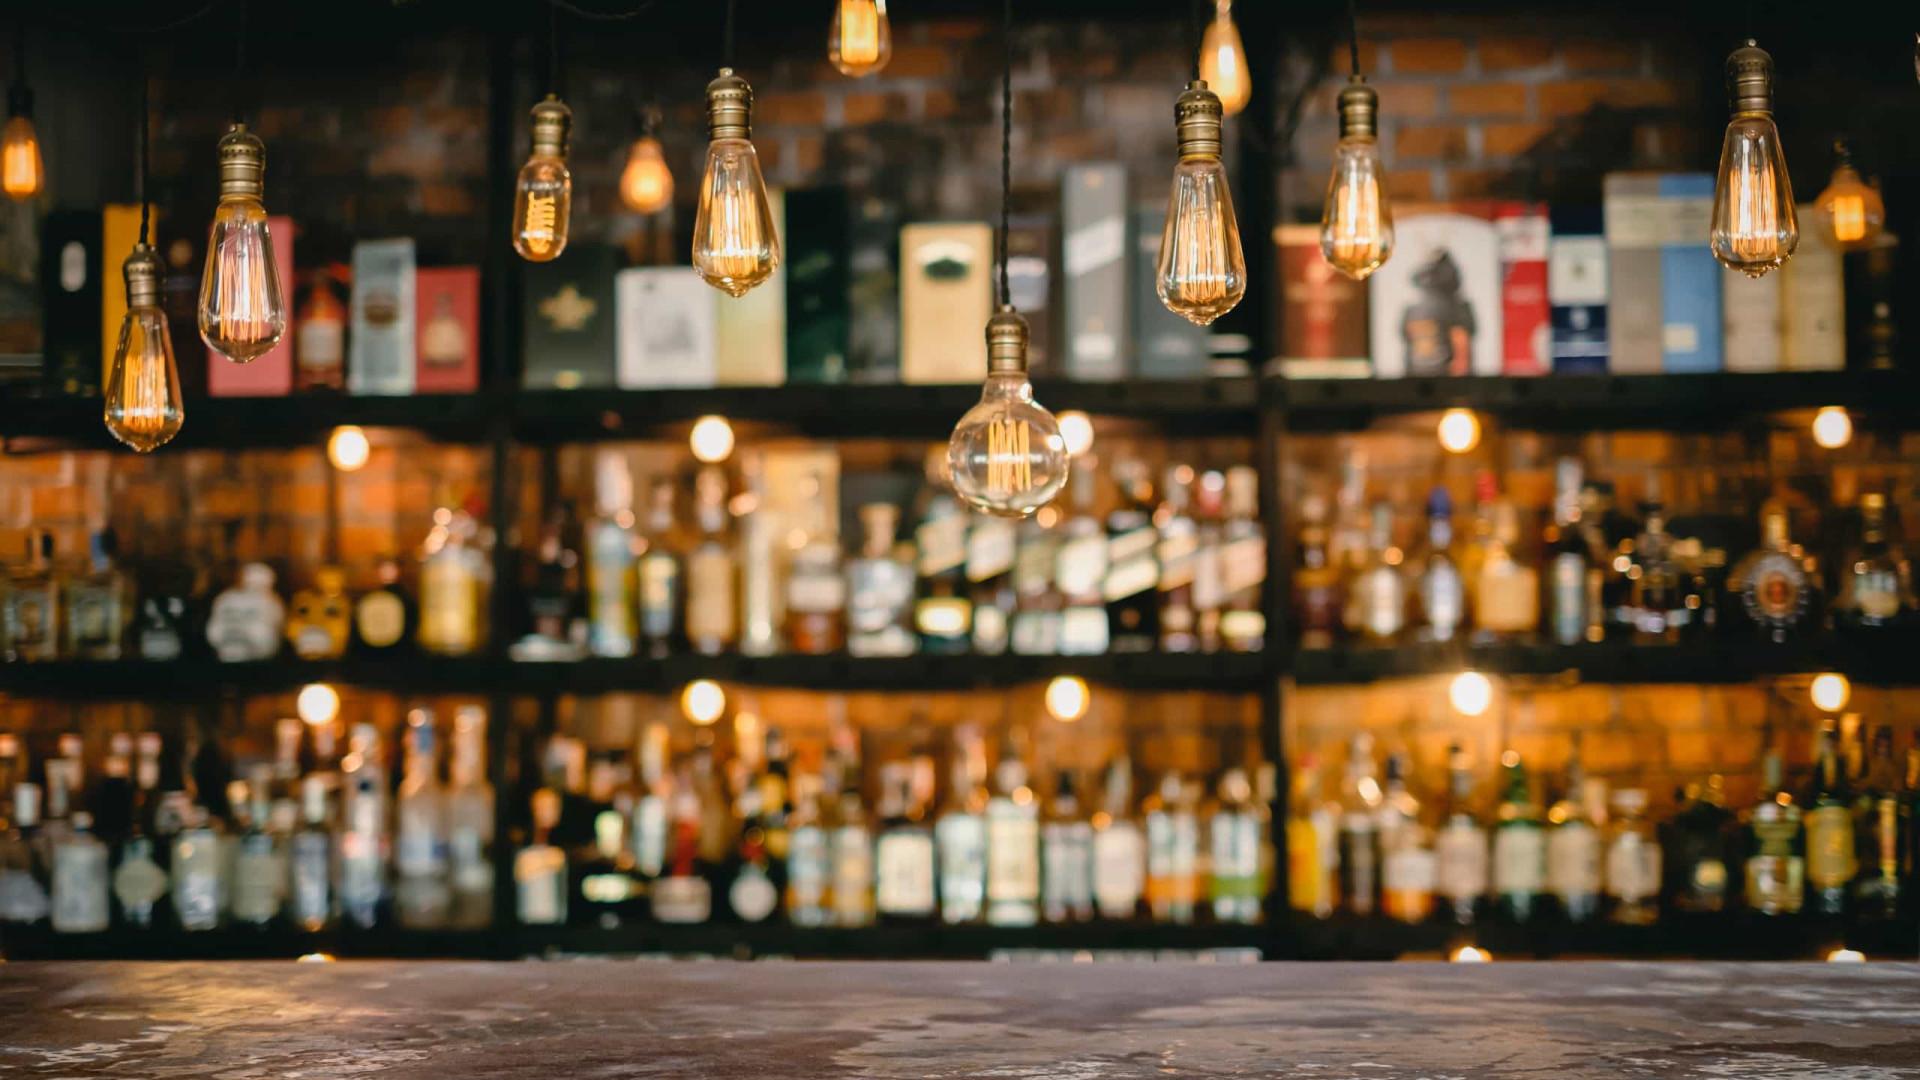 Santos sem ajuntamentos no dia em que restaurantes e bares fecham às 23h